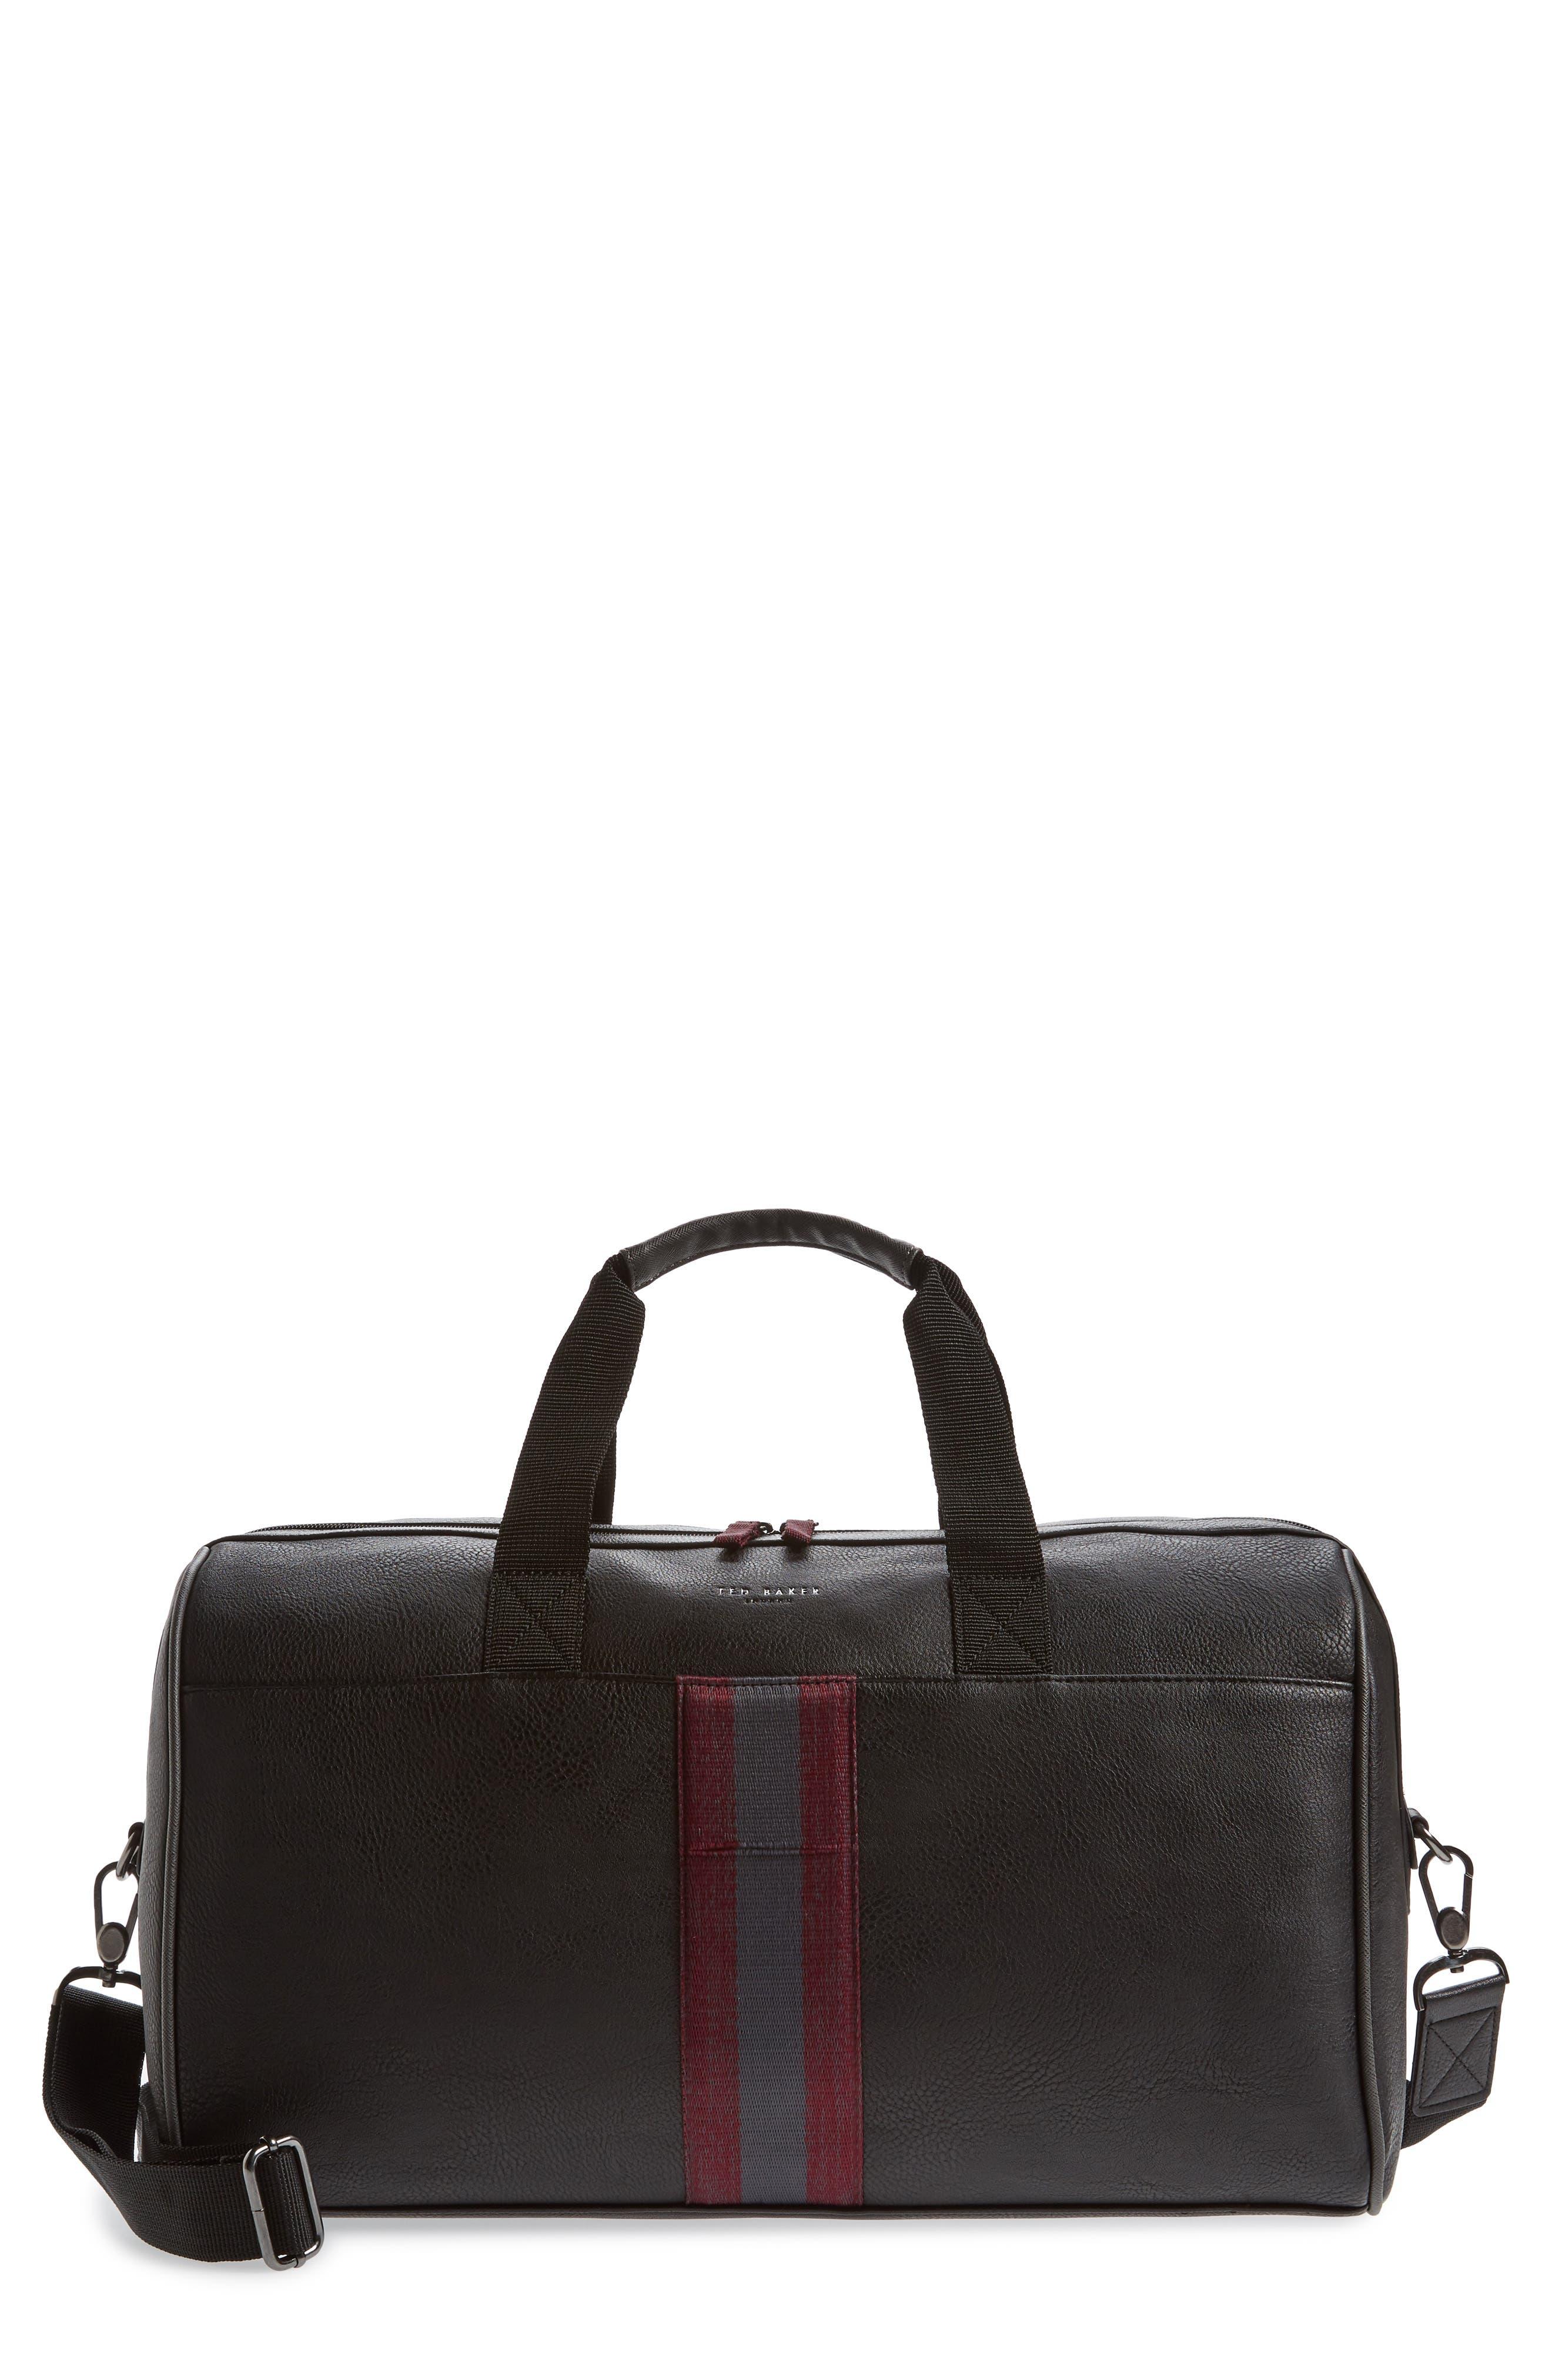 Ospray Duffel Bag,                         Main,                         color, 001